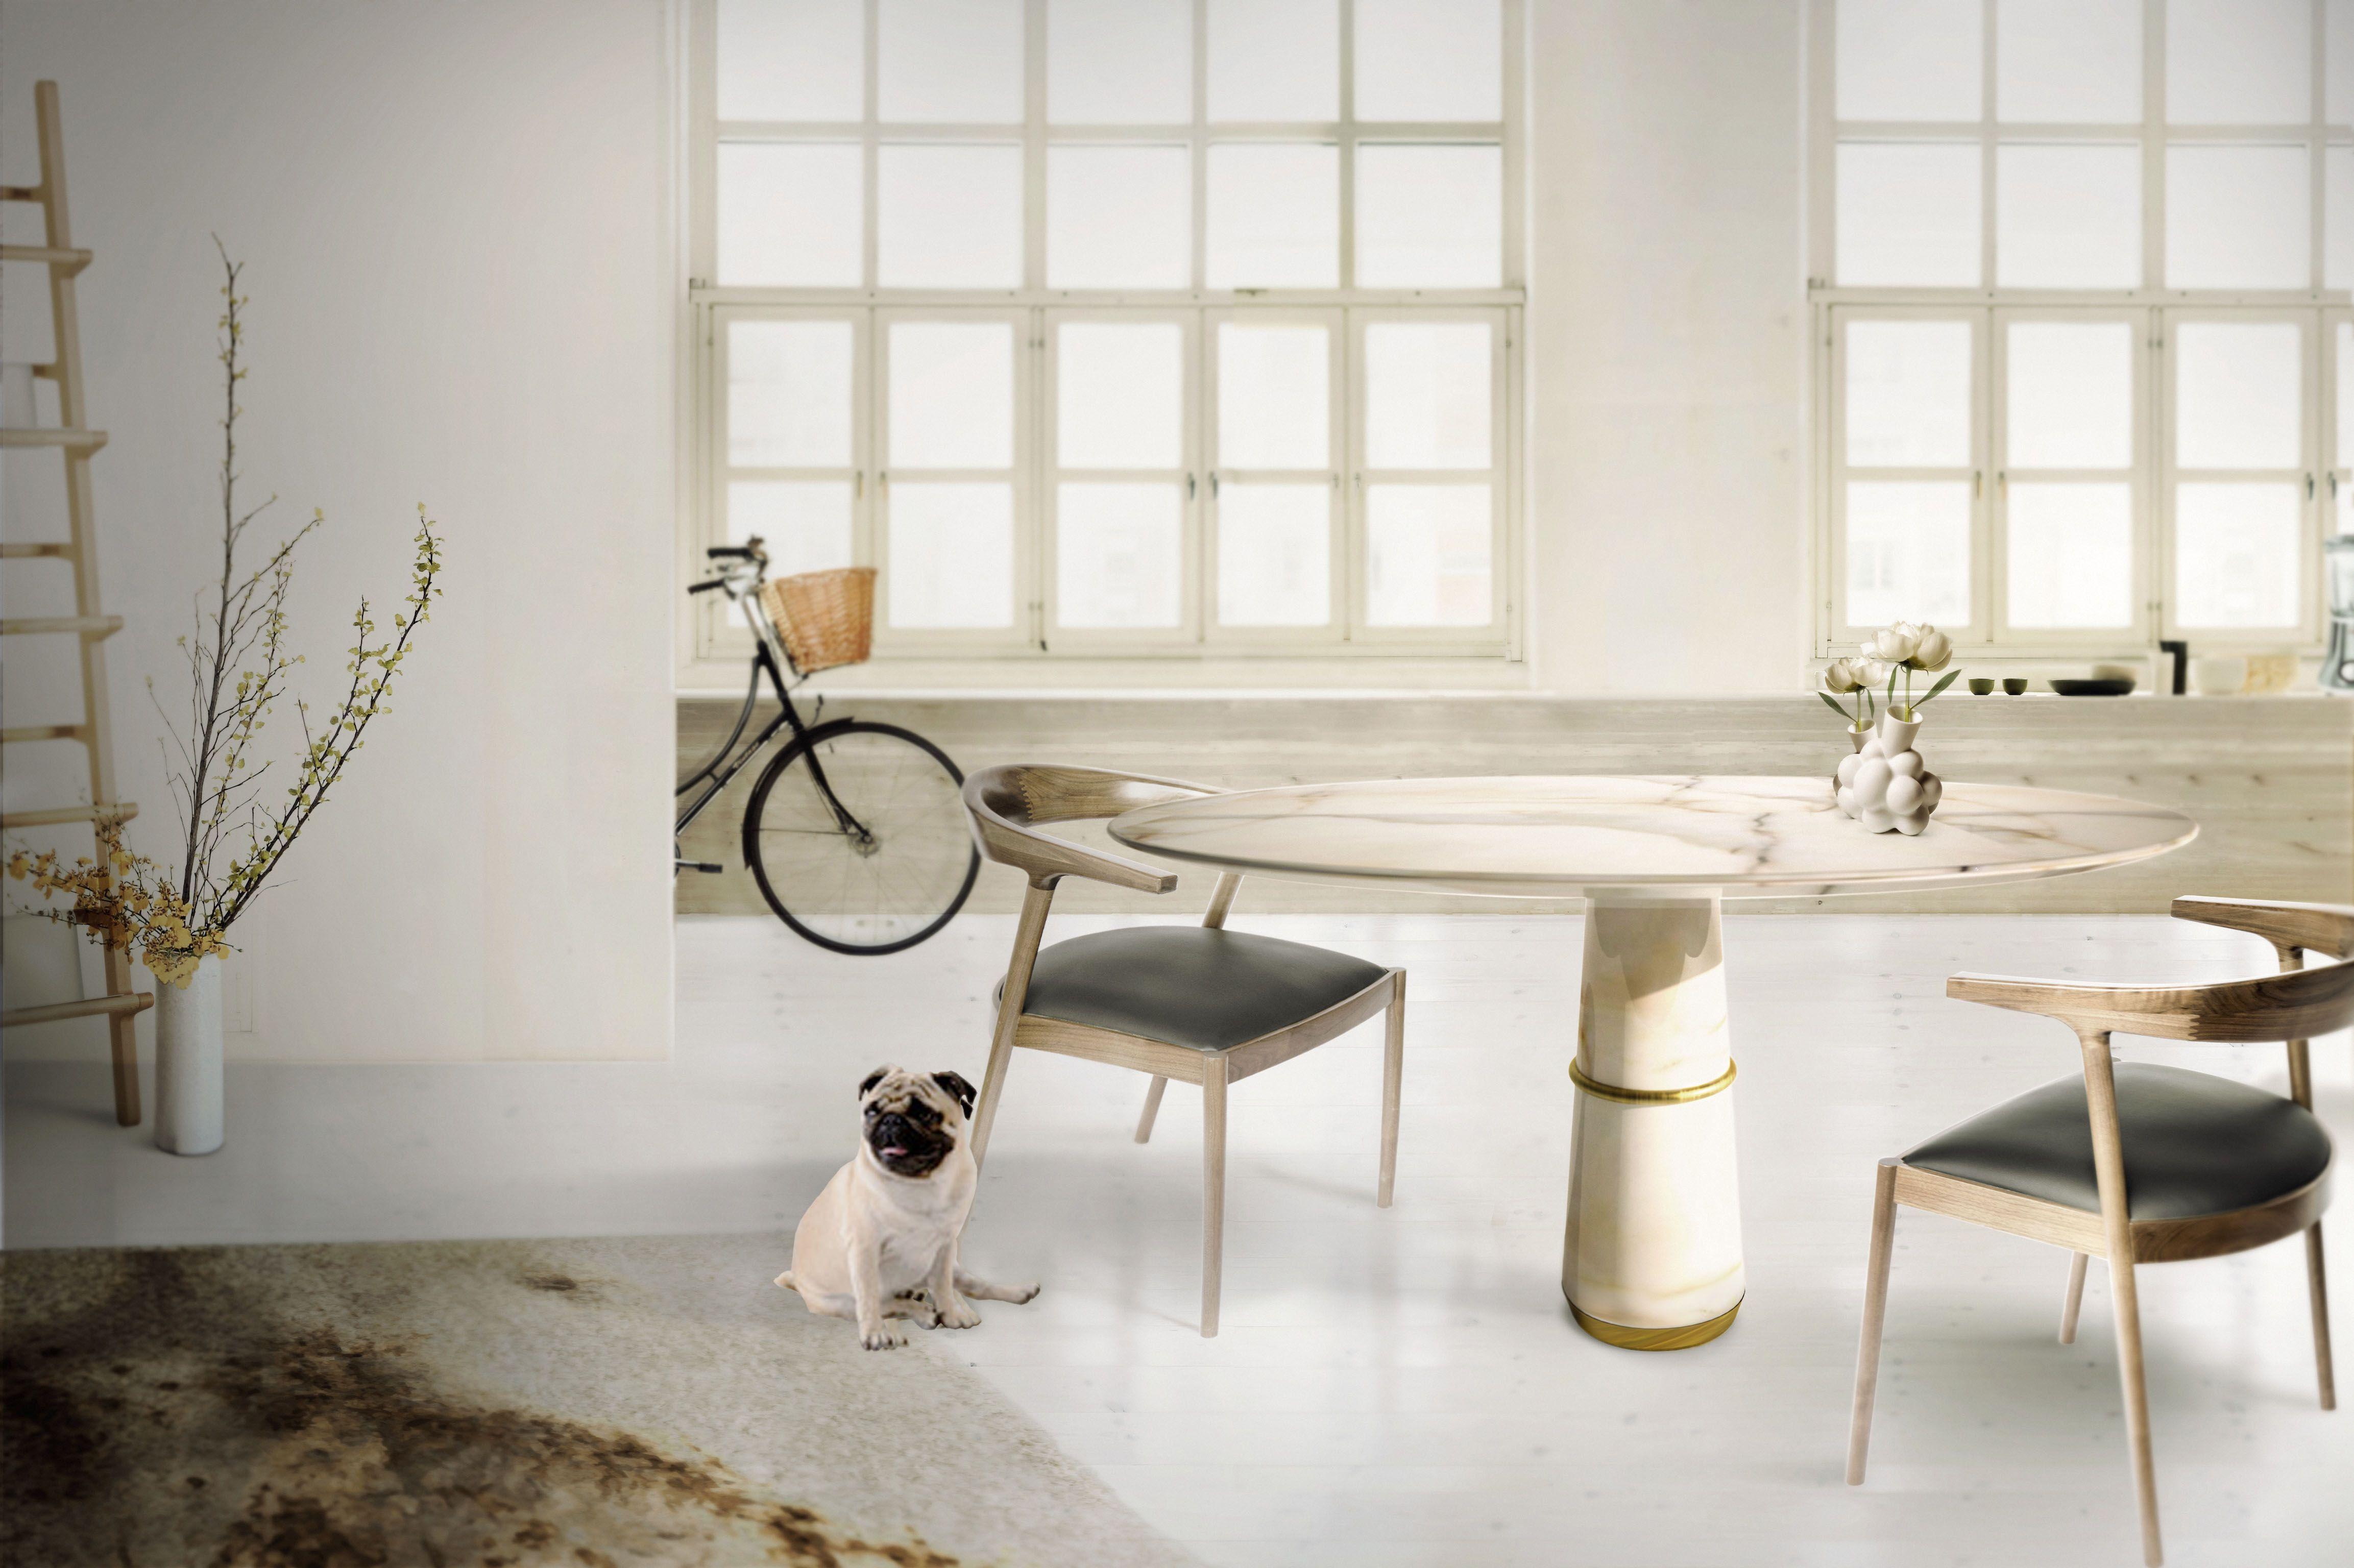 mbel - Luxus Hausrenovierung Perfektes Wohnzimmer Stuhle Design